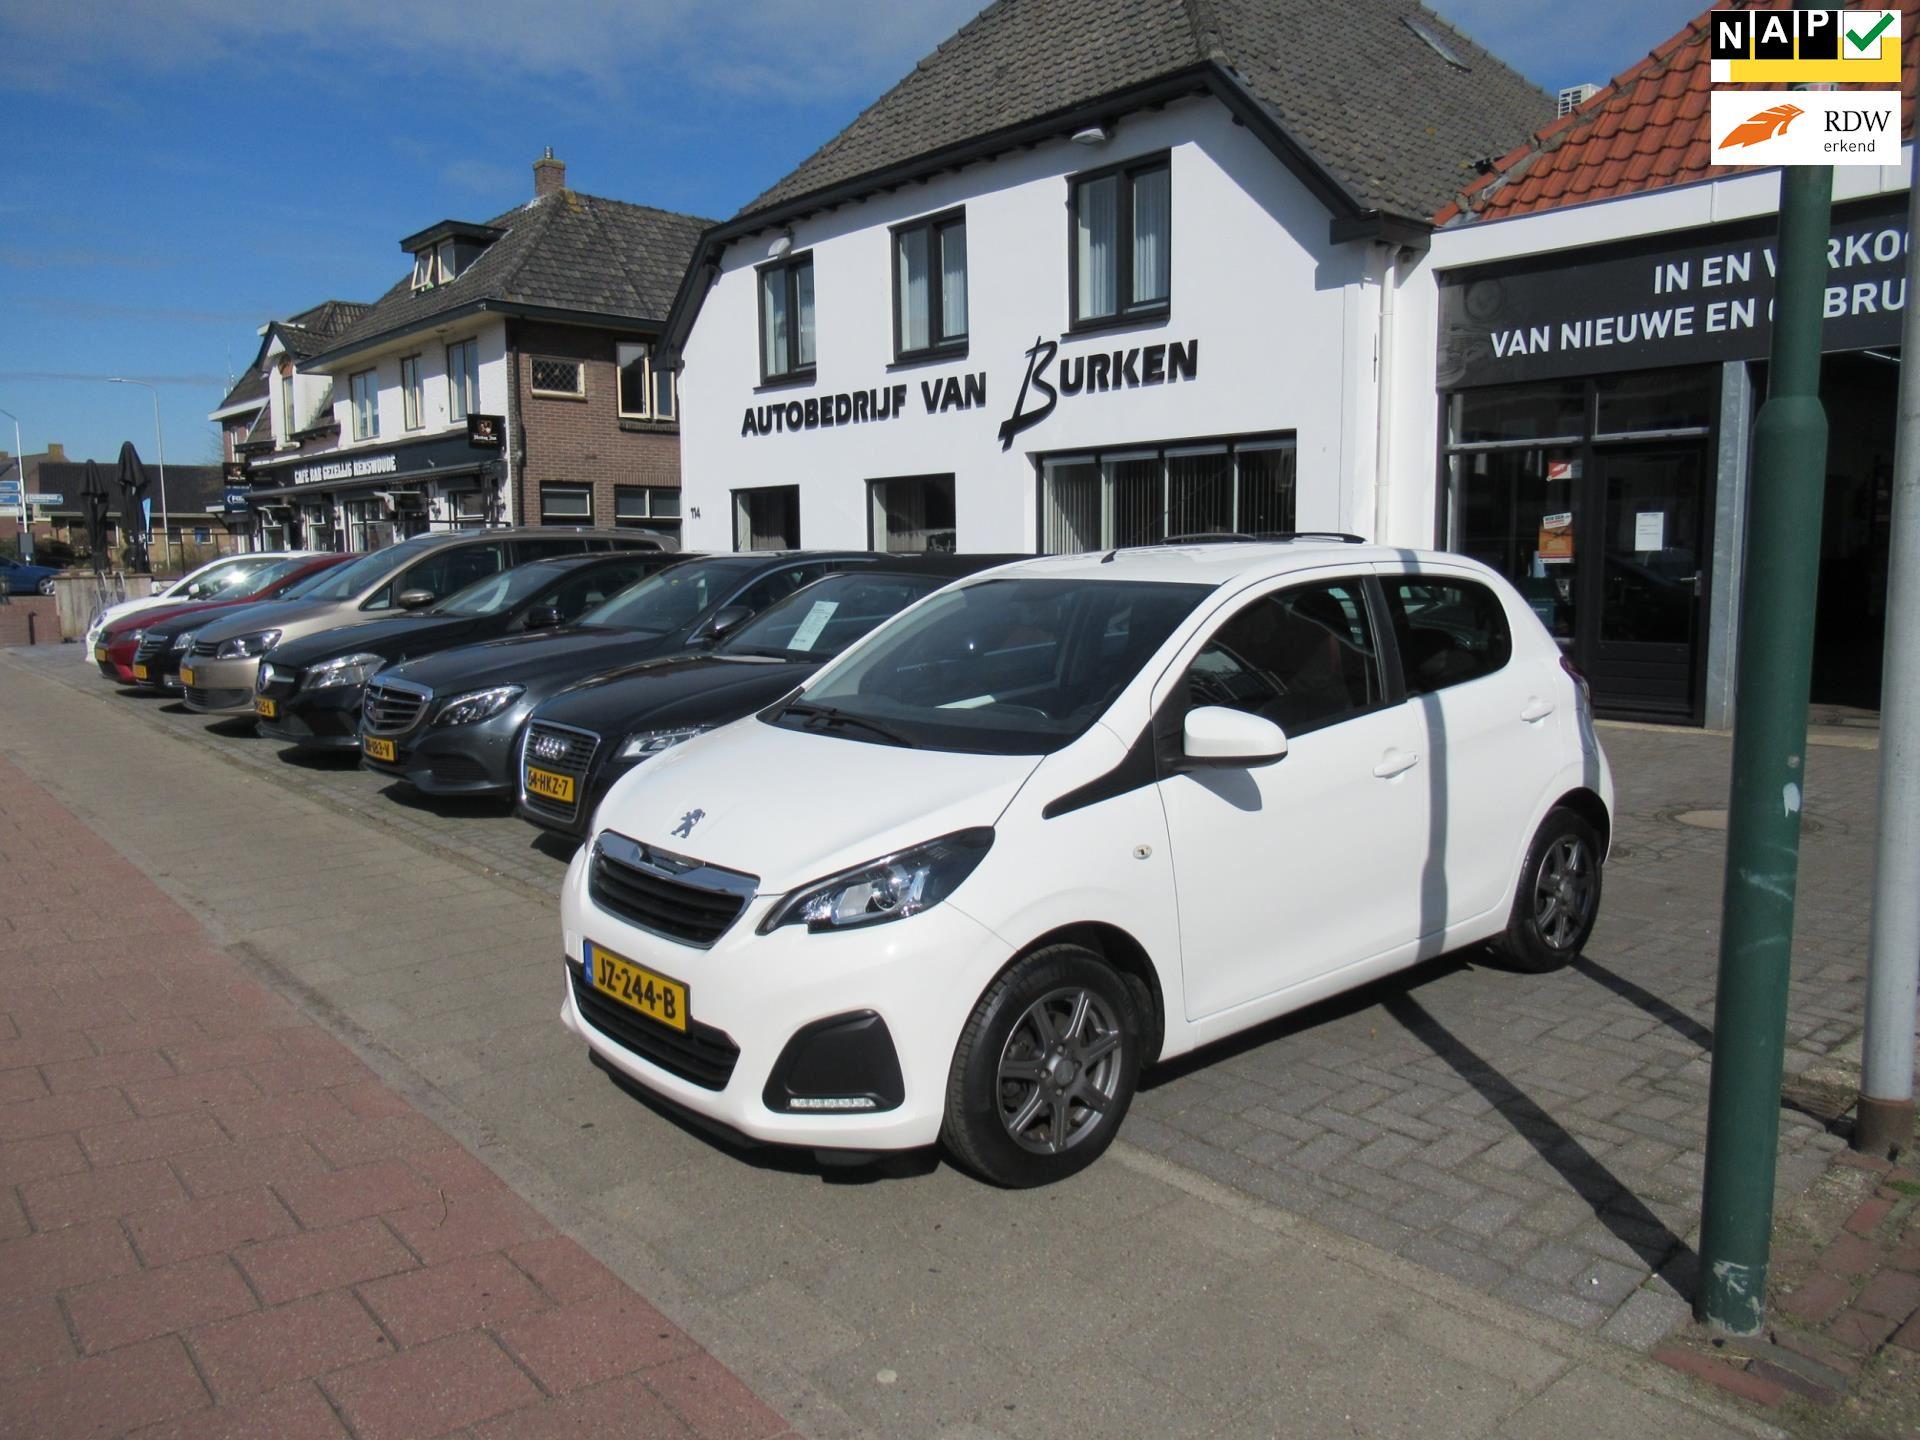 Peugeot 108 occasion - Autobedrijf van Burken